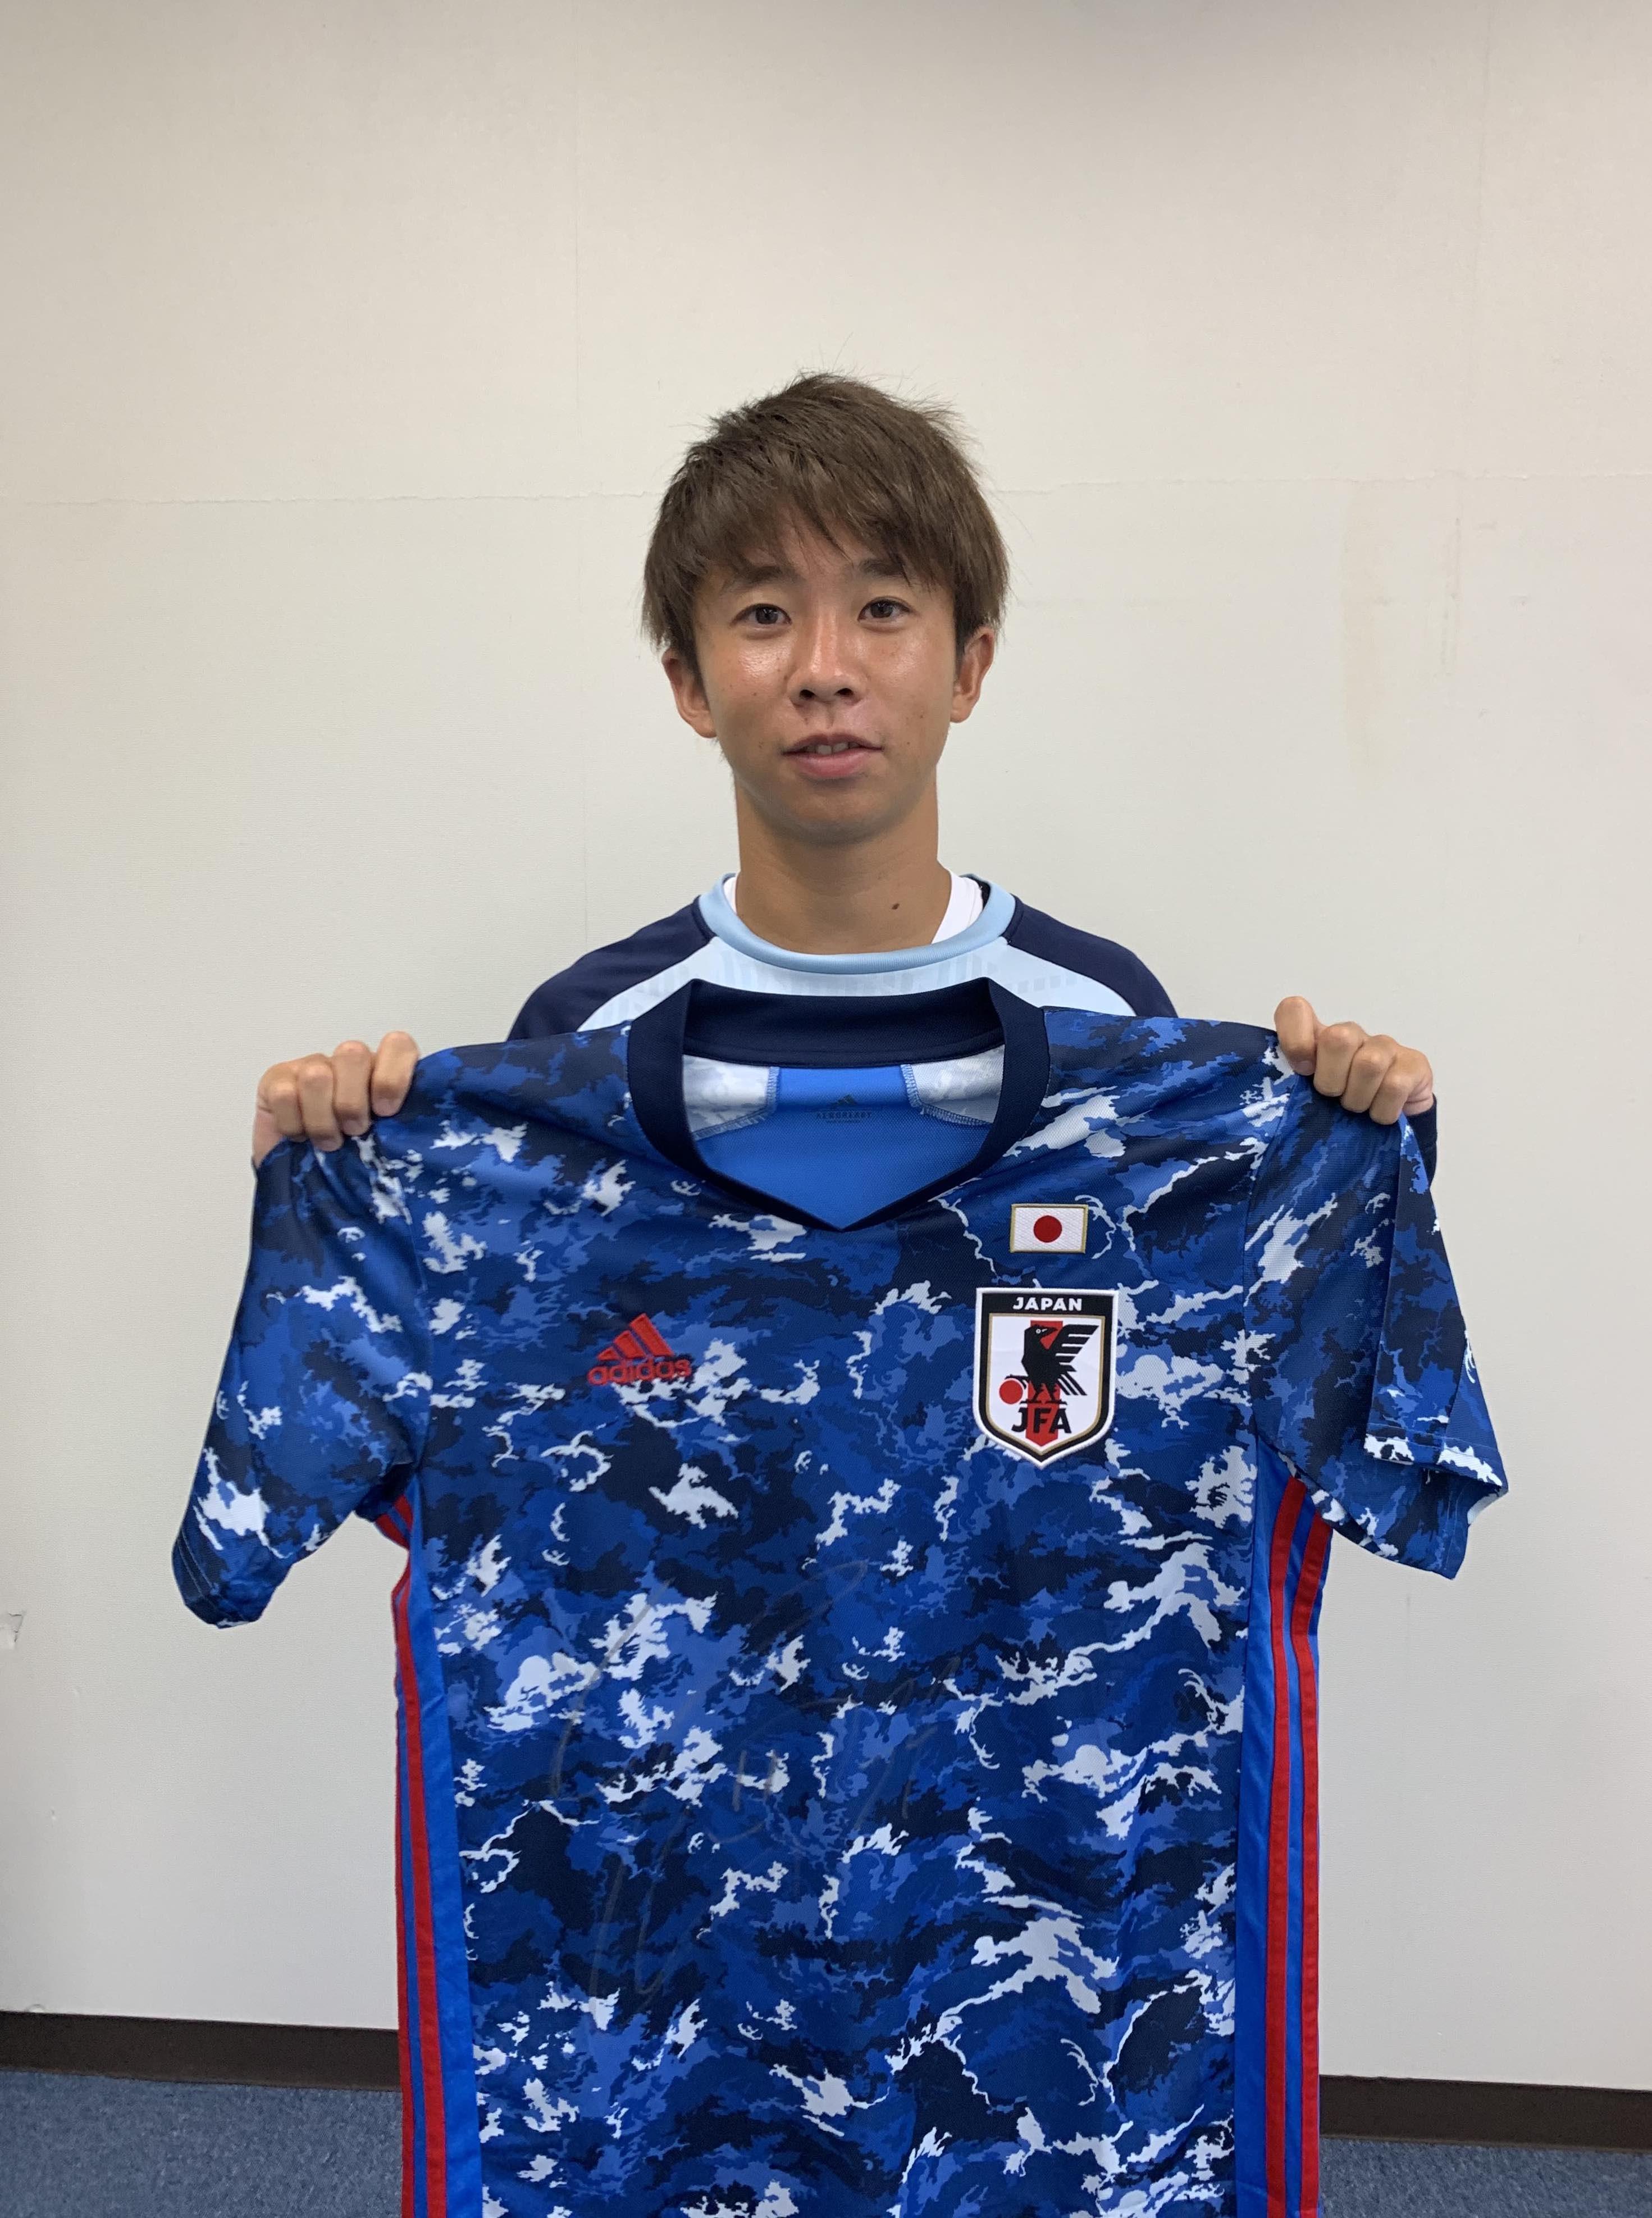 【直筆サイン入り公式】U-23日本代表 針谷 岳晃 選手(ジュビロ磐田)